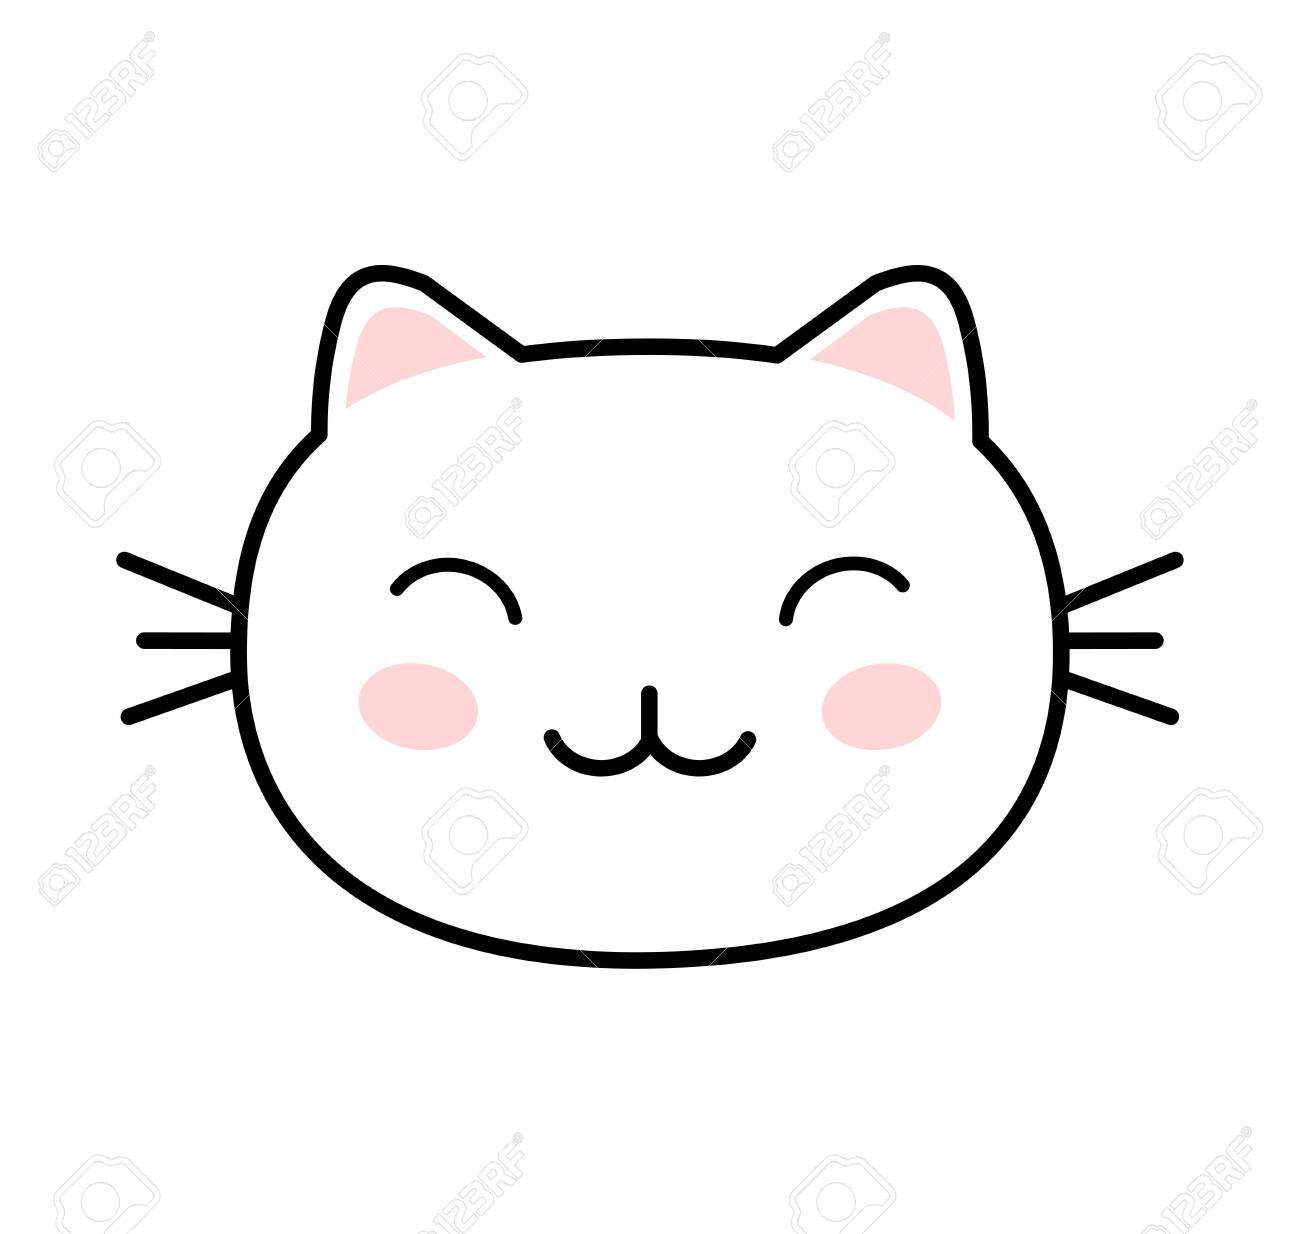 Kawaii style cute cat vector - 128742627